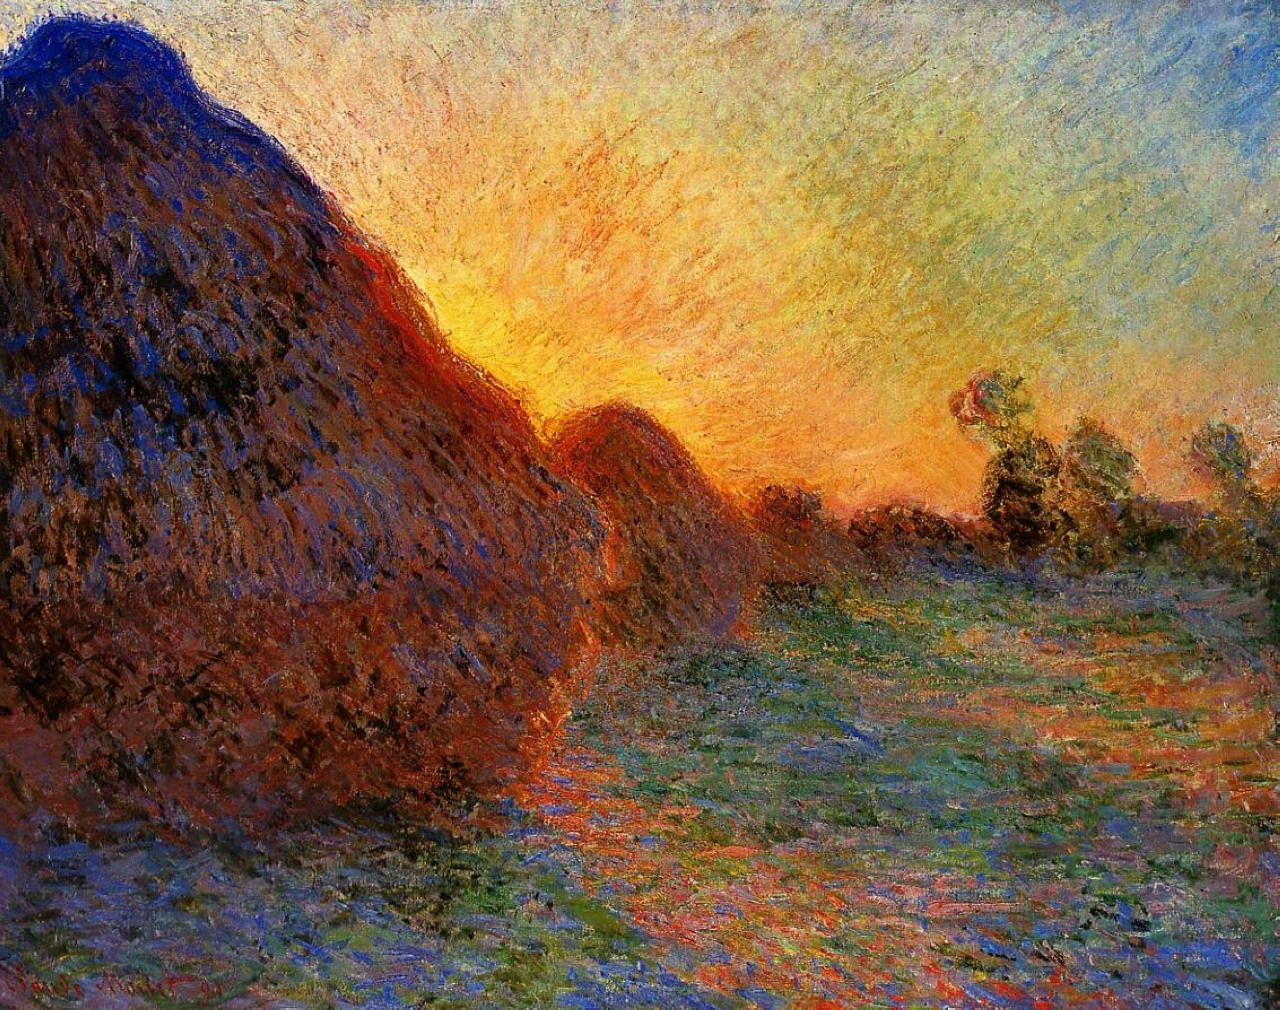 Covoni AUTORE Monet DATA 1891 TECNICA Olio su tela UBICAZIONE collezione  privata   Claude monet, Monet, Dipinti impressionisti